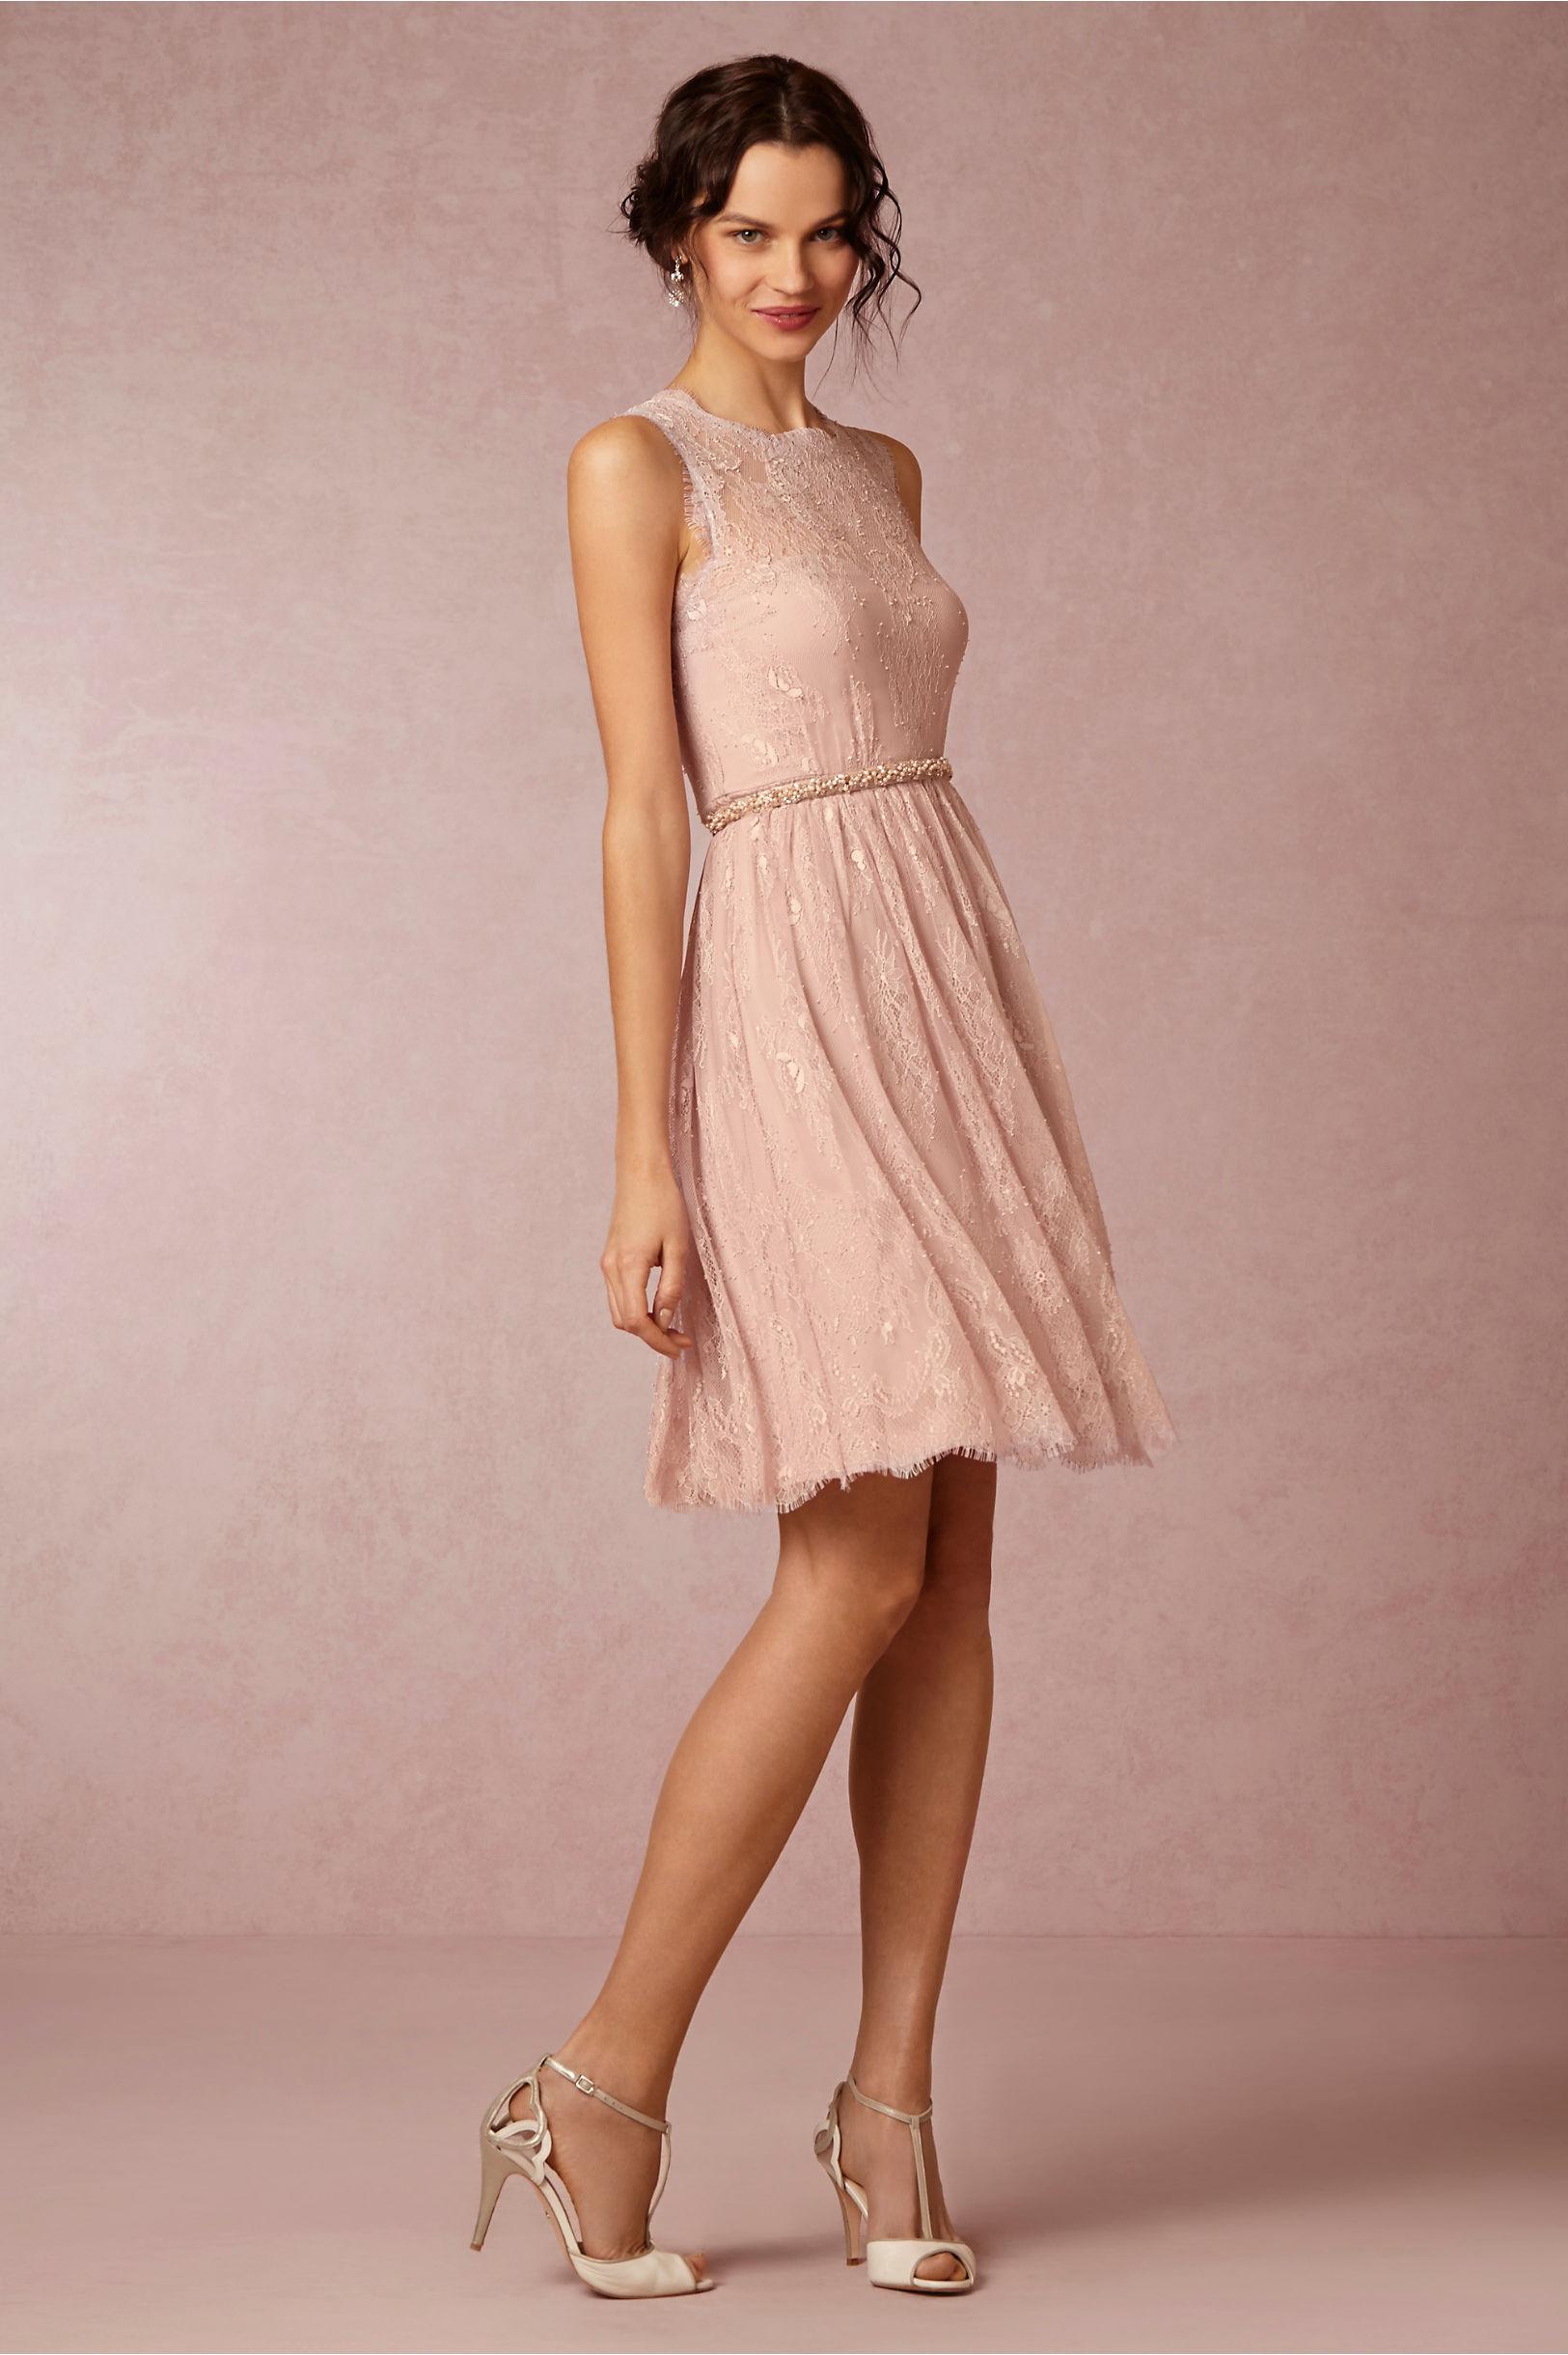 Quartz Bridesmaid Dresses